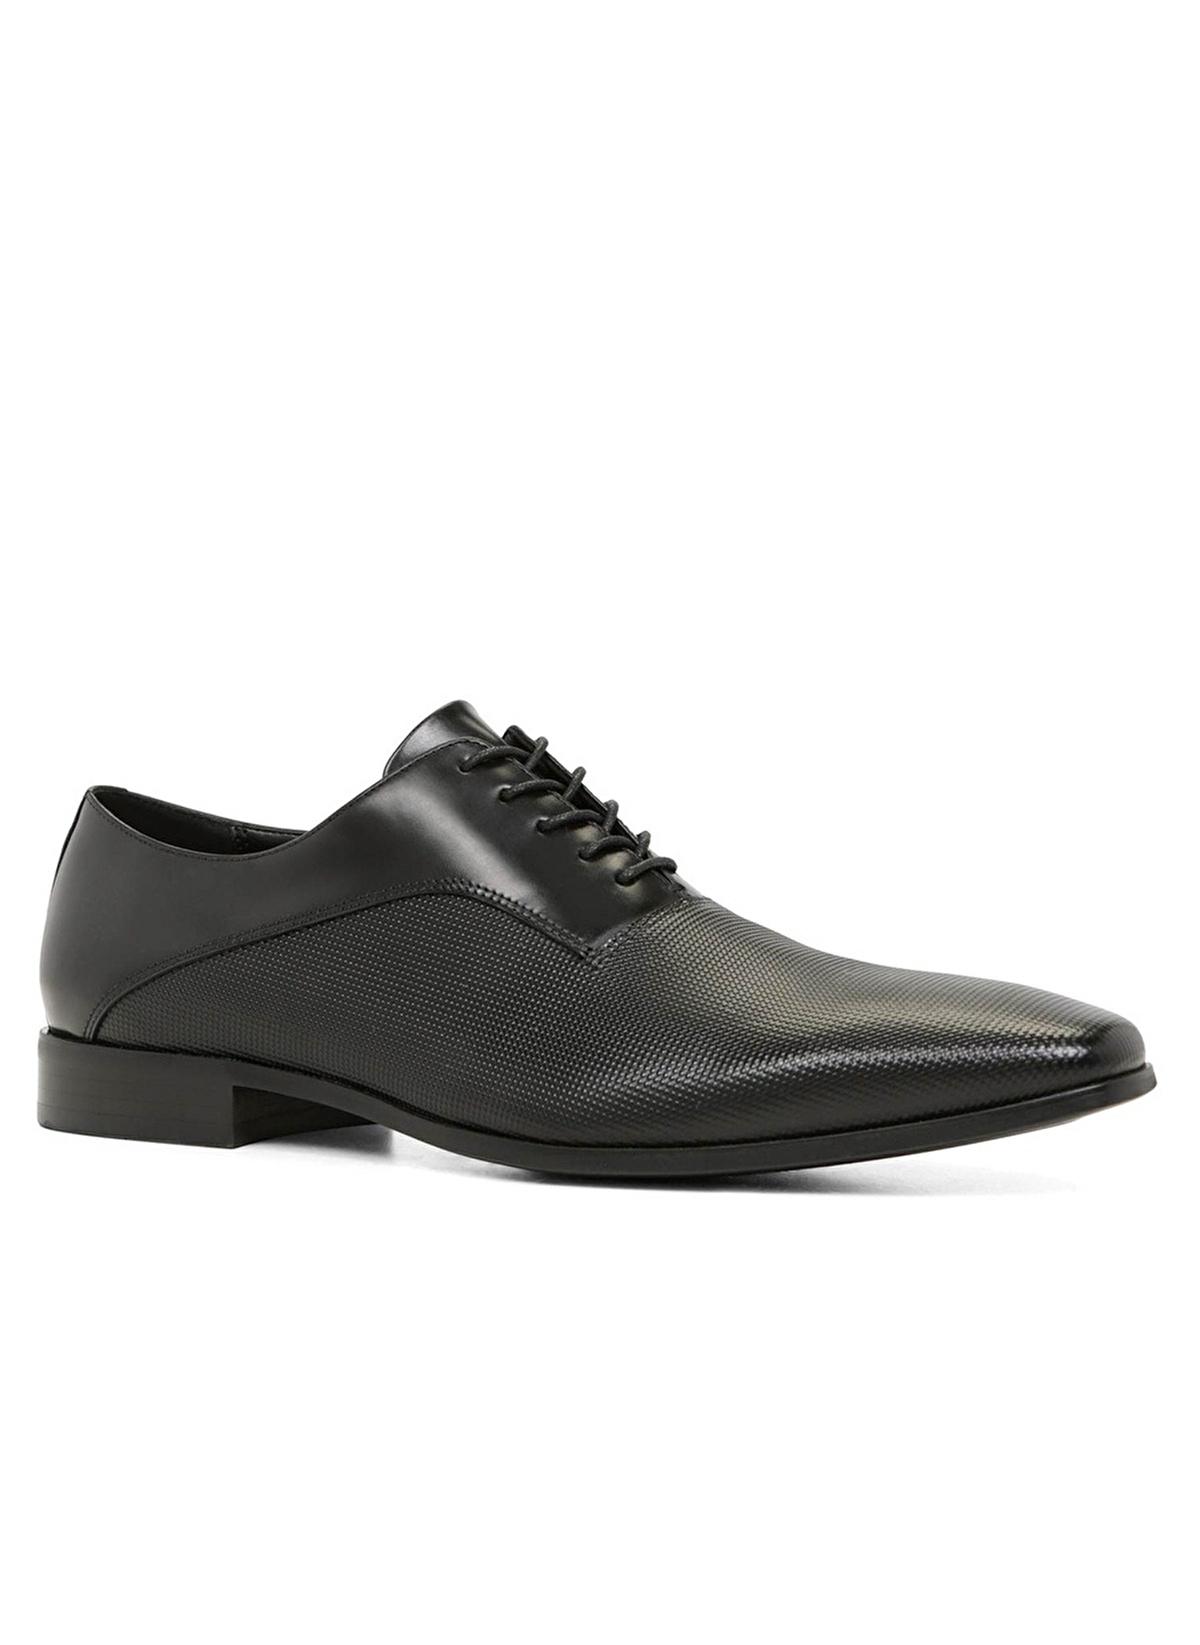 Aldo Ayakkabı Freıdhof Oxford;şık Ayakkabılar – 199.0 TL